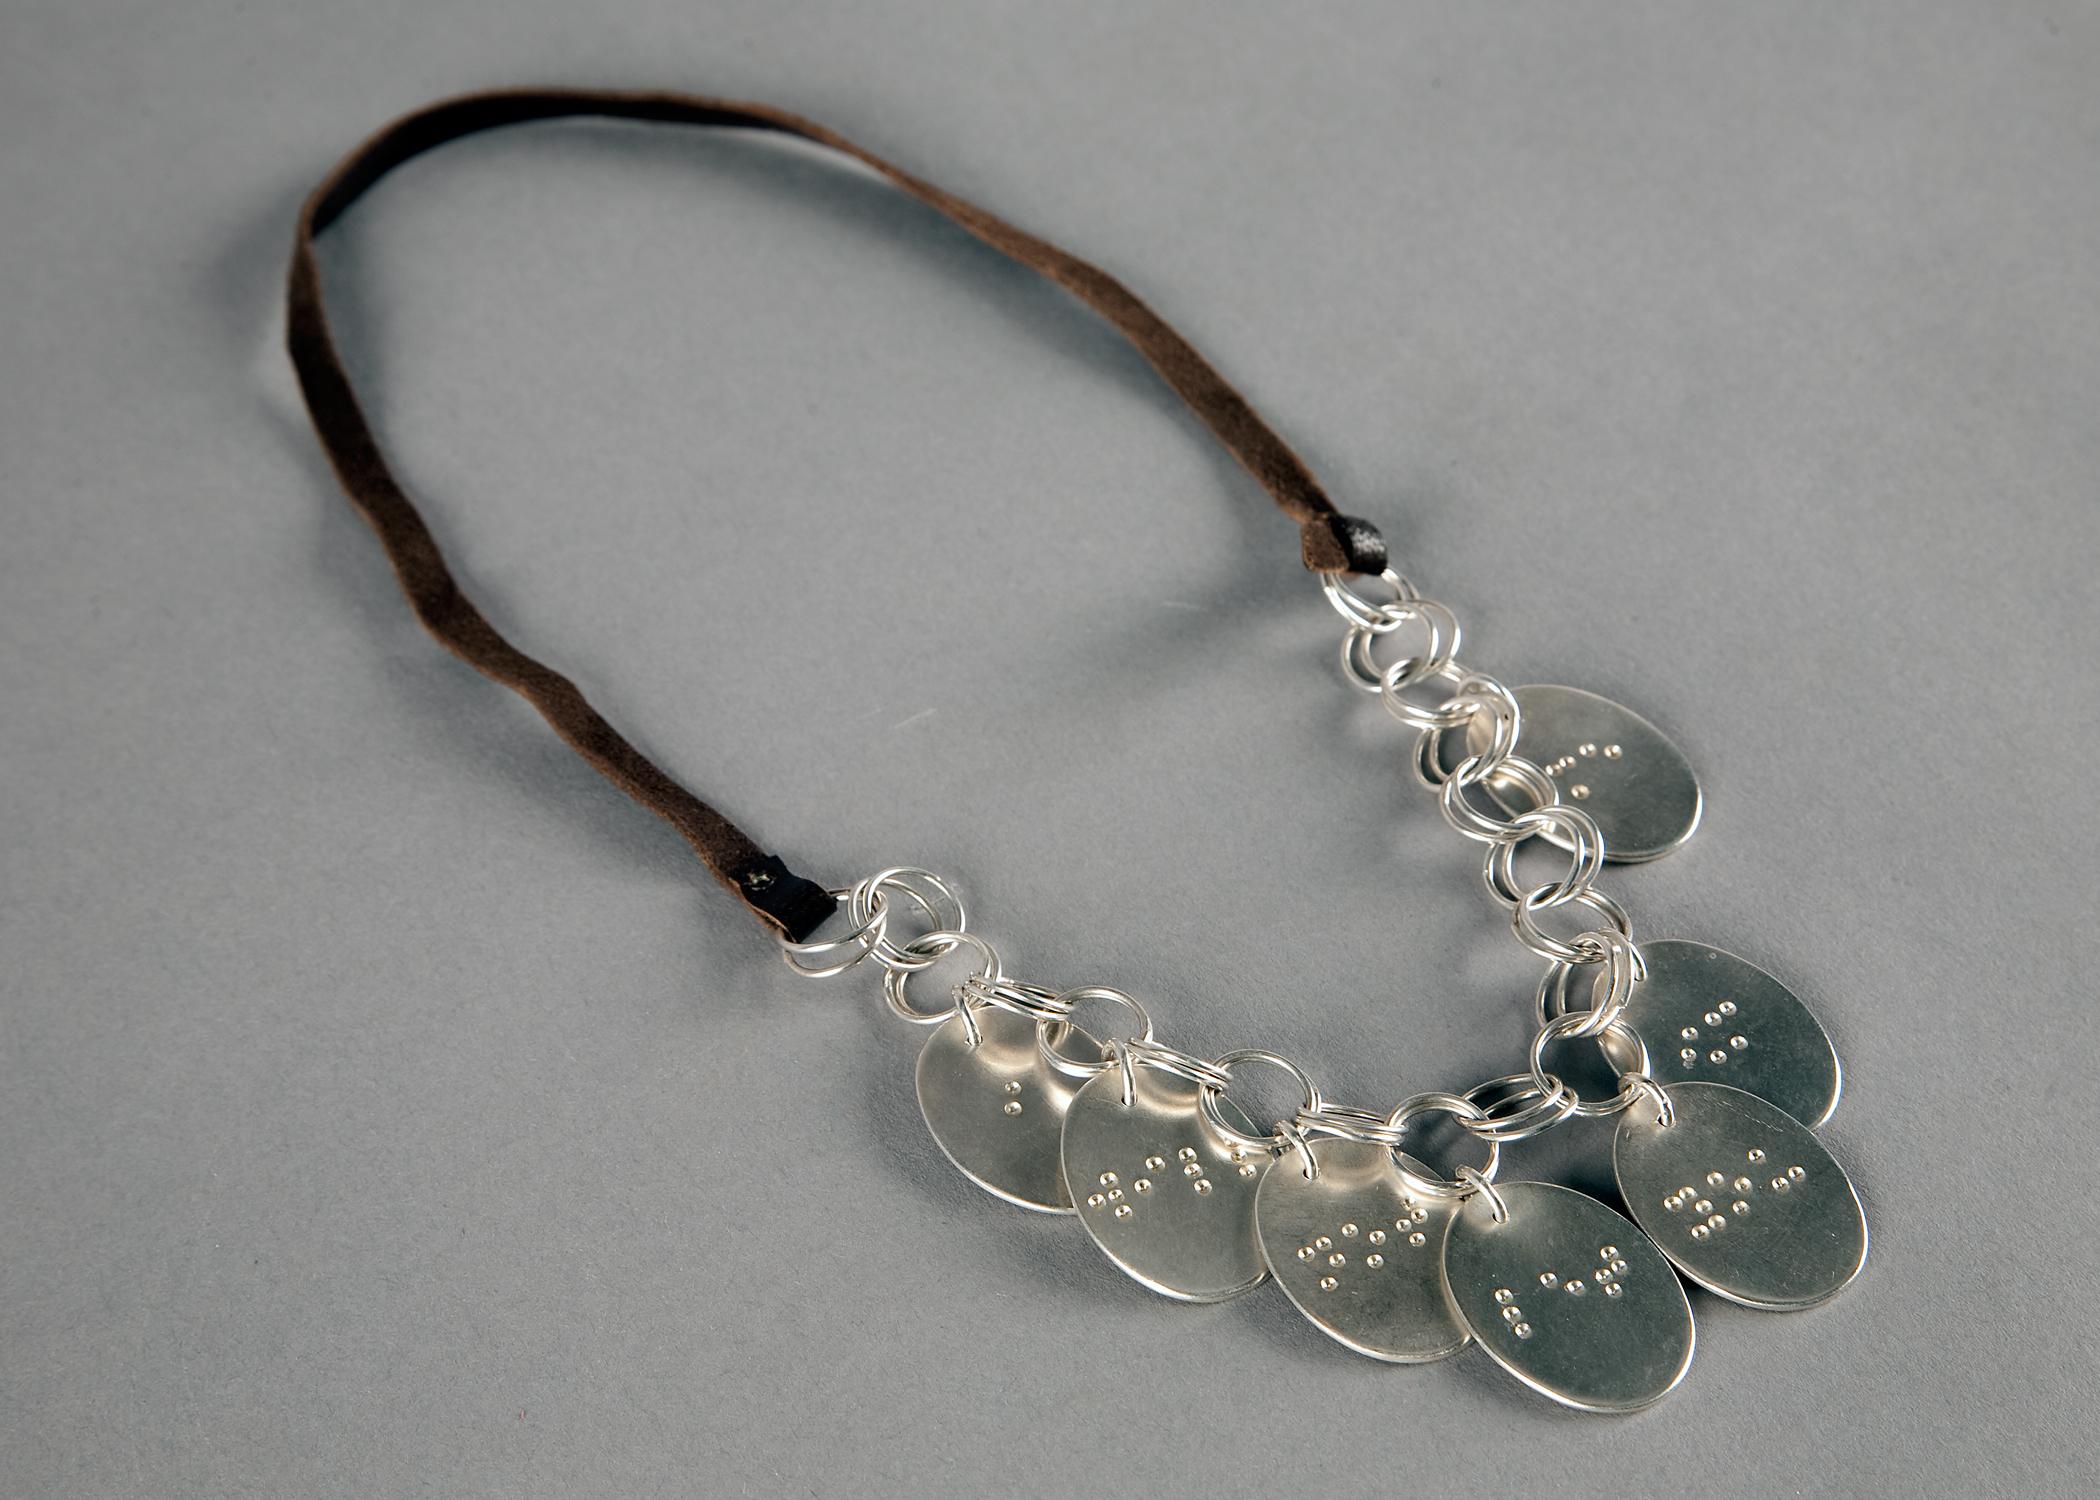 Secrets Necklace